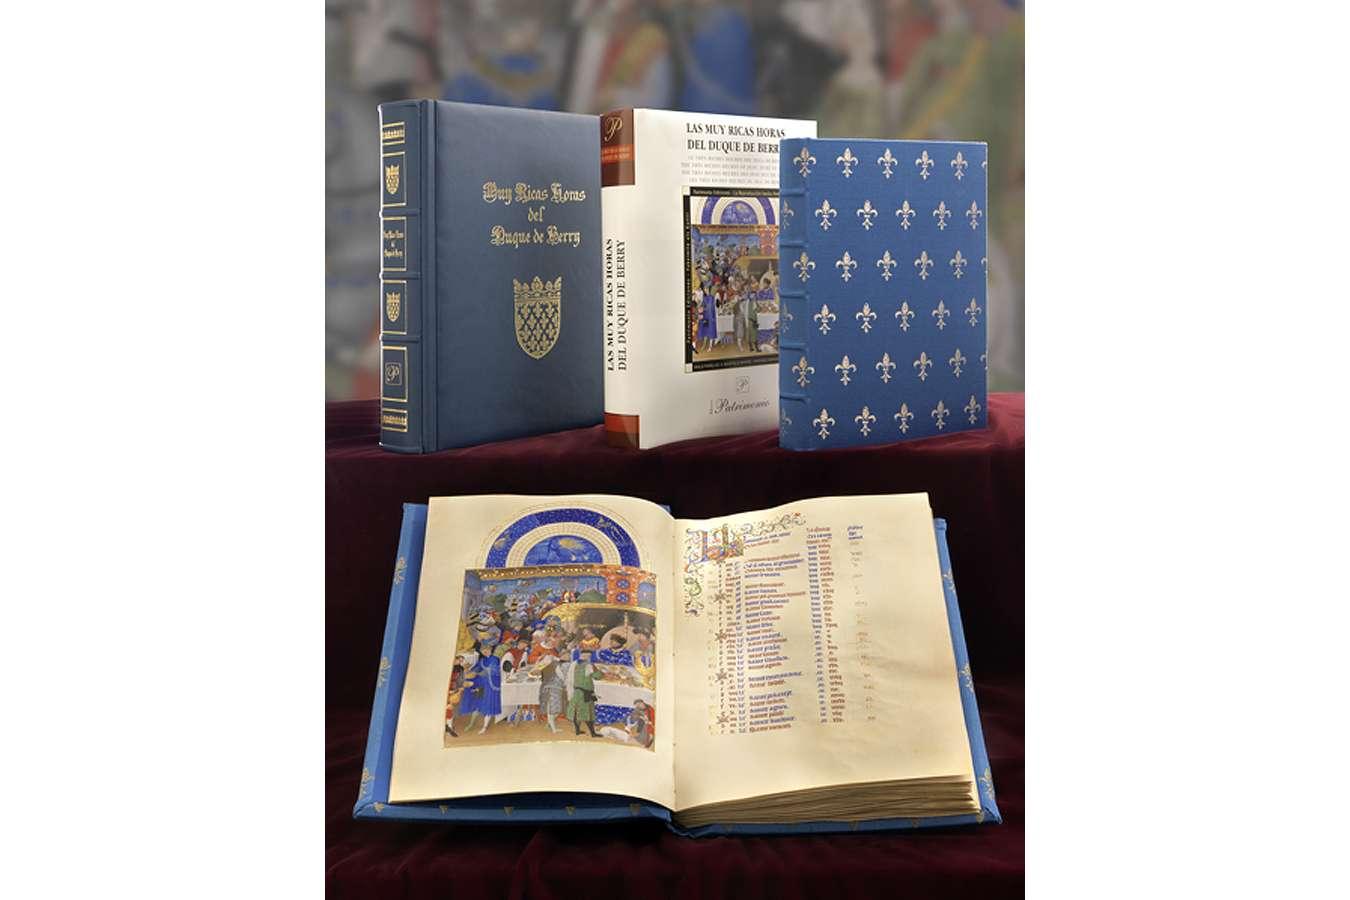 ILLUMINATED FACSIMILES®, Patrimonio Ediciones – Muy Ricas Horas del Duque de Berry – photo 01, copyright Patrimonio Ediciones